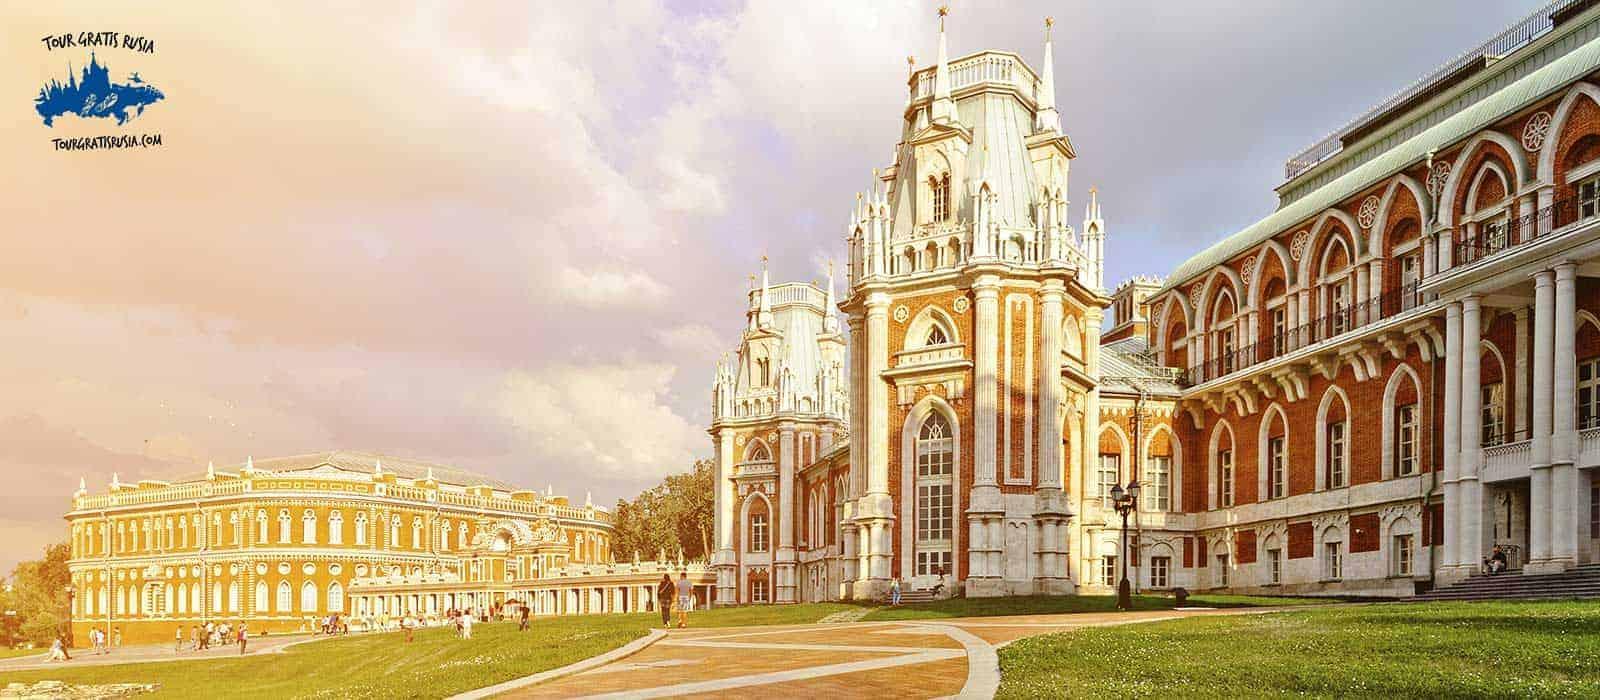 Tour por la ciudad de Sergiev Posad, parques Kolomenskoe y Tsaritsino